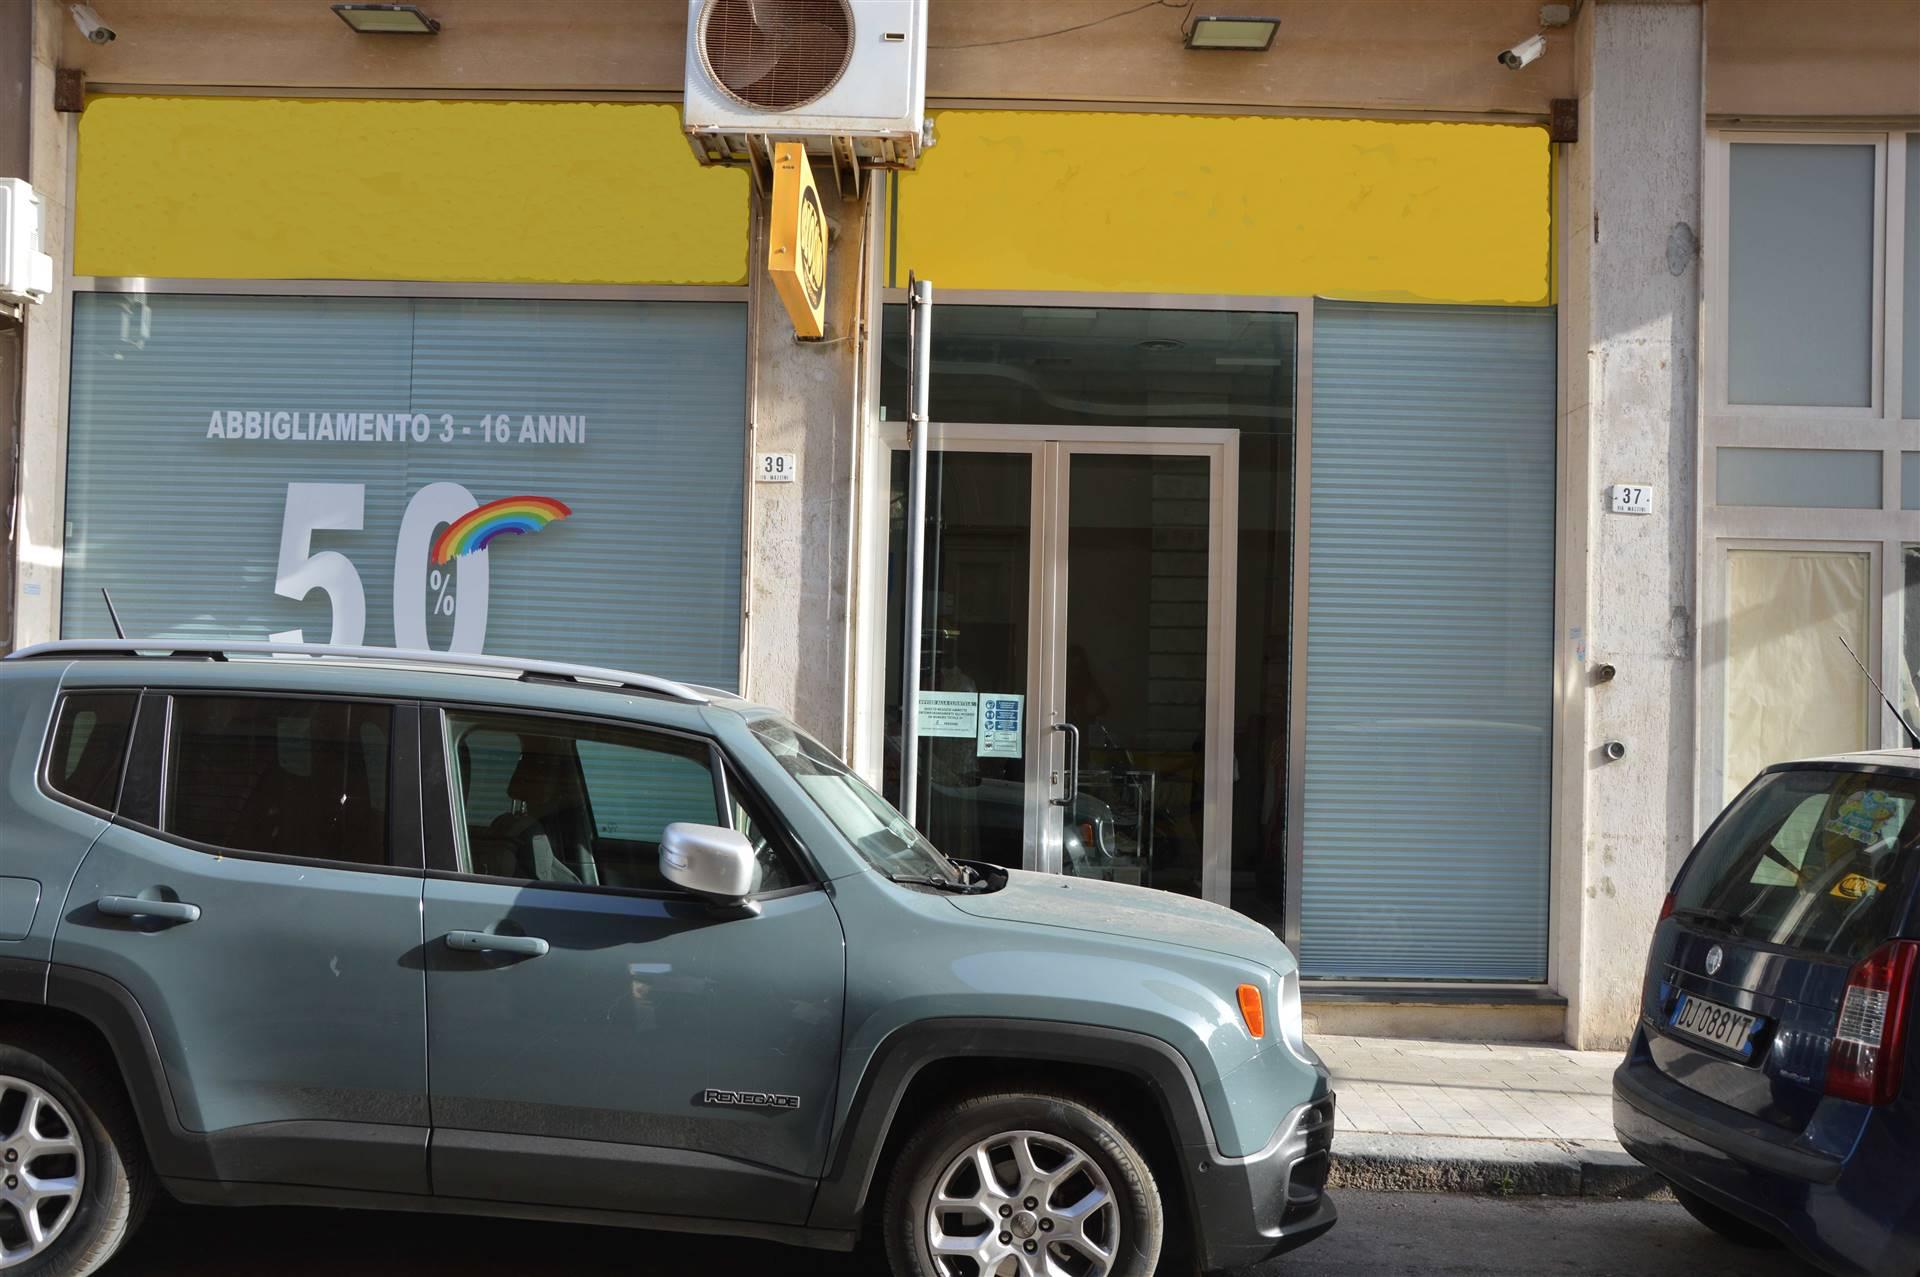 Negozio / Locale in vendita a Avola, 1 locali, zona Località: CENTRO, prezzo € 120.000   CambioCasa.it